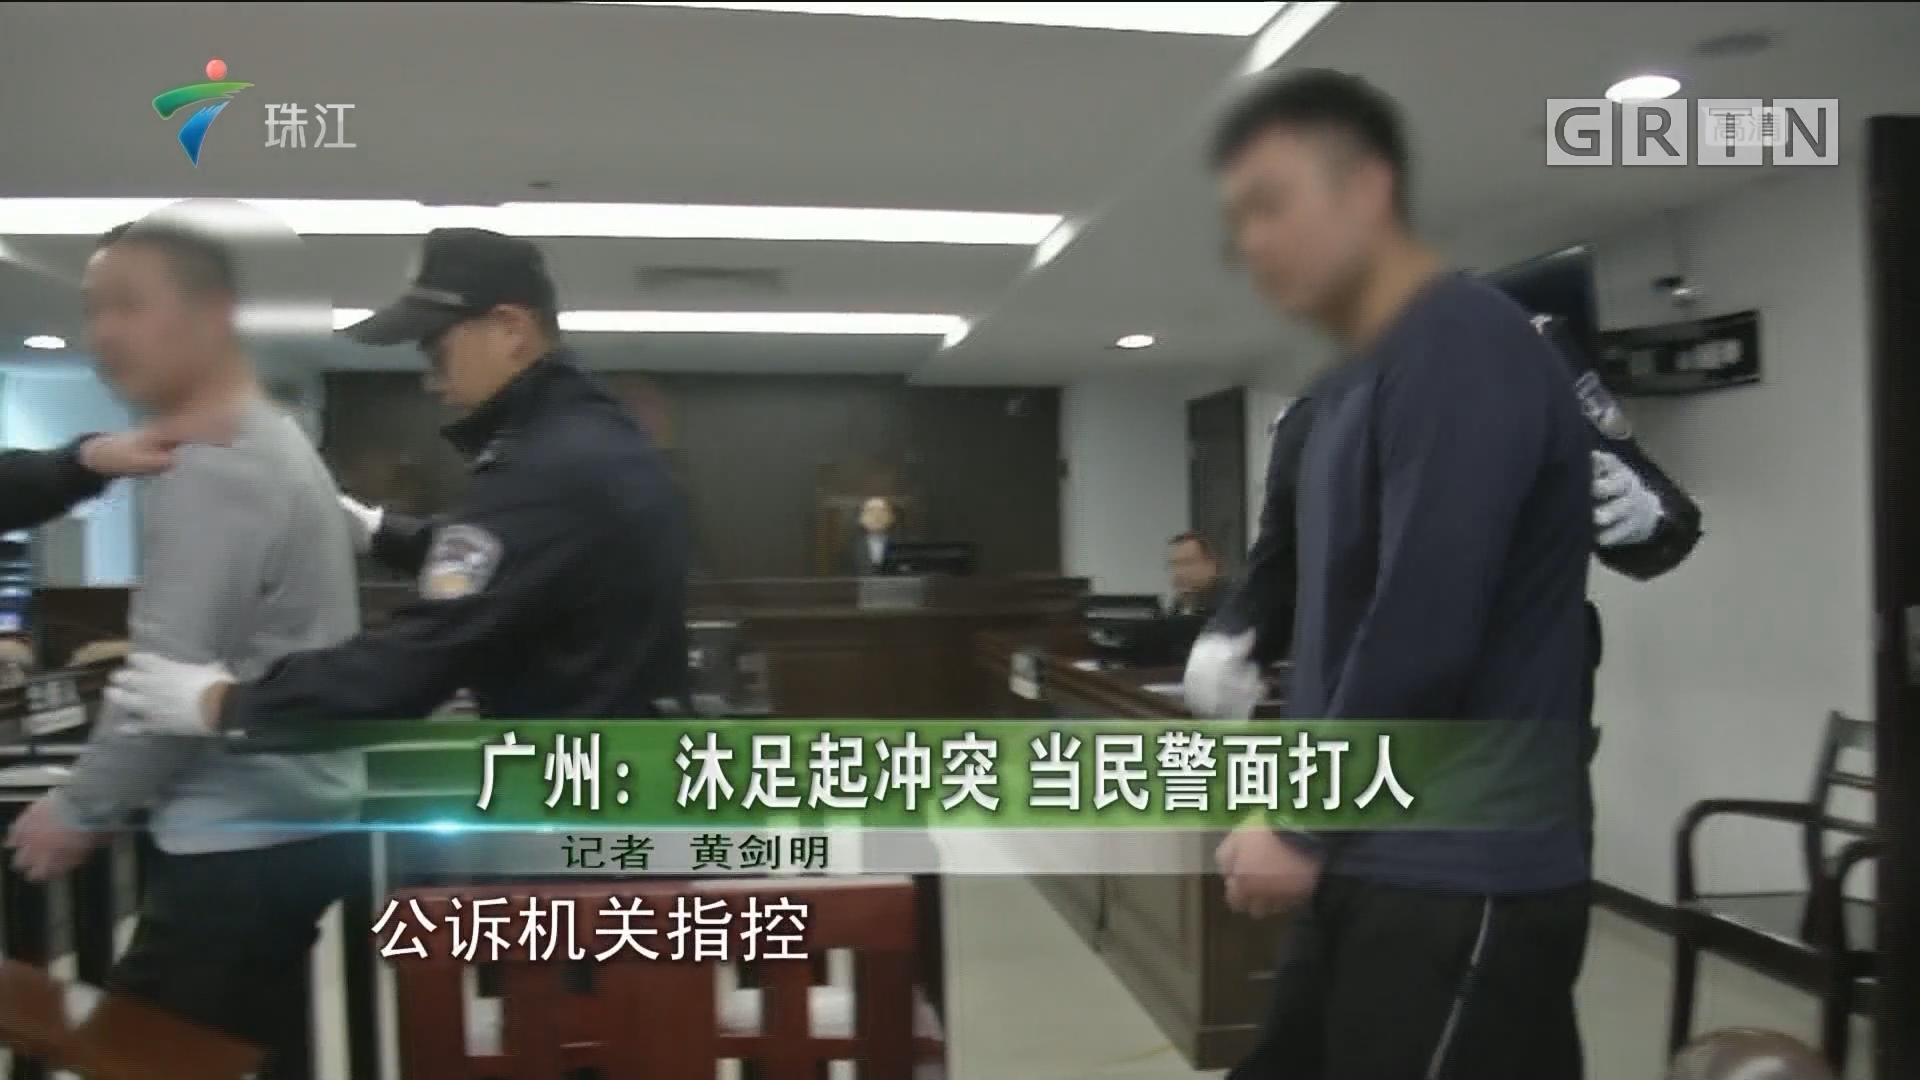 广州:沐足起冲突 当民警面打人